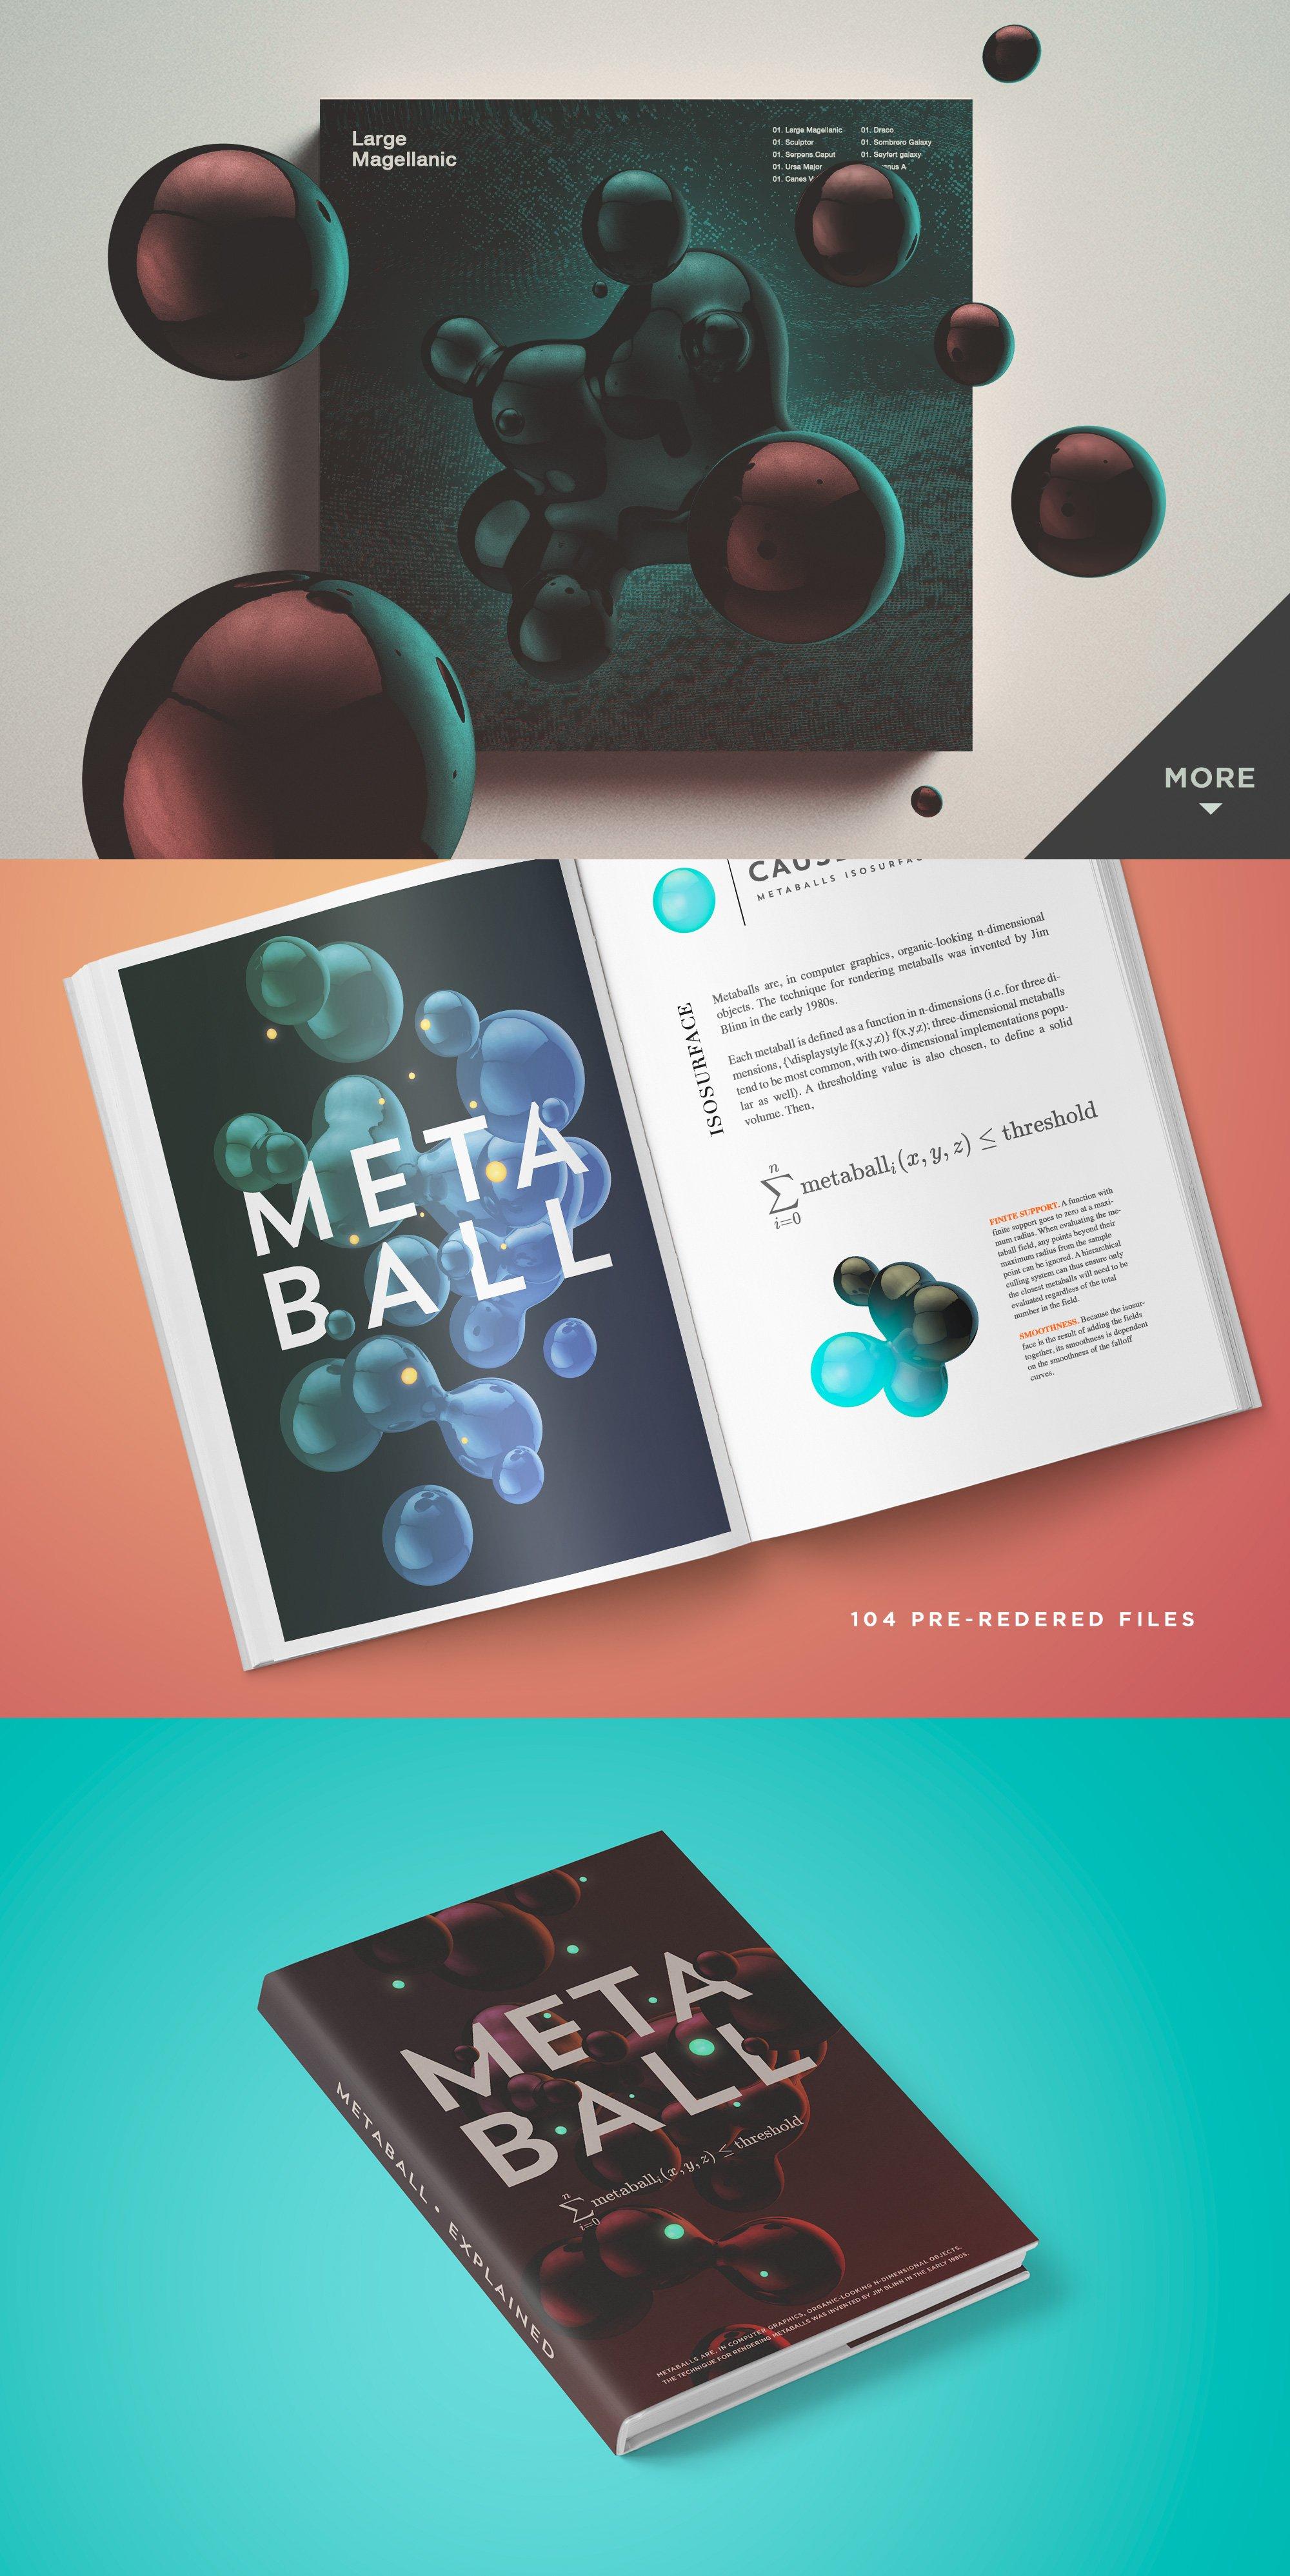 102个高清球体细胞水滴PNG免抠图片设计素材 Rulebyart – Metaball插图2